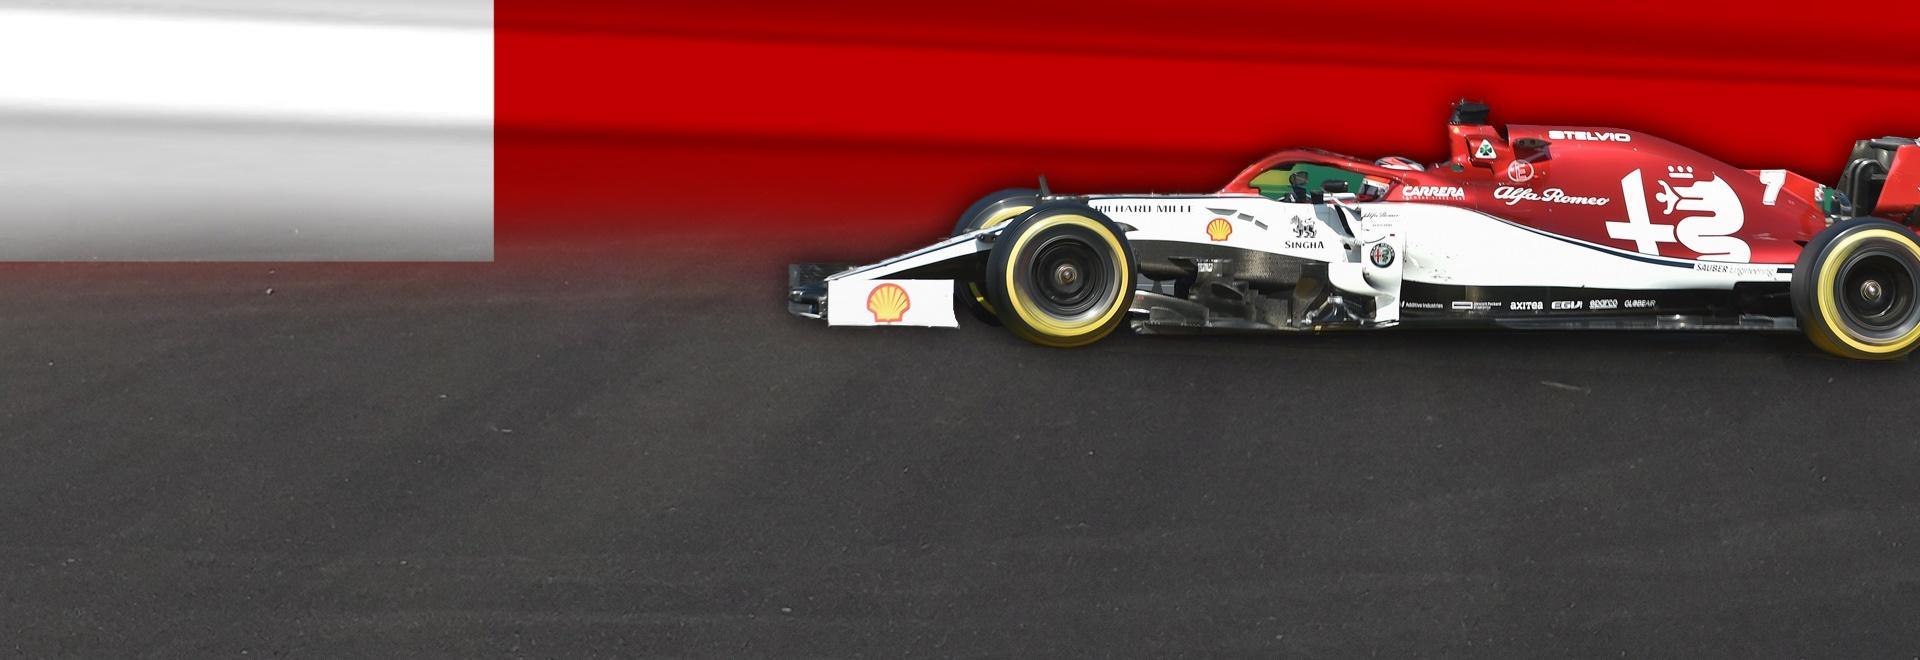 GP Abu Dhabi. Qualifiche